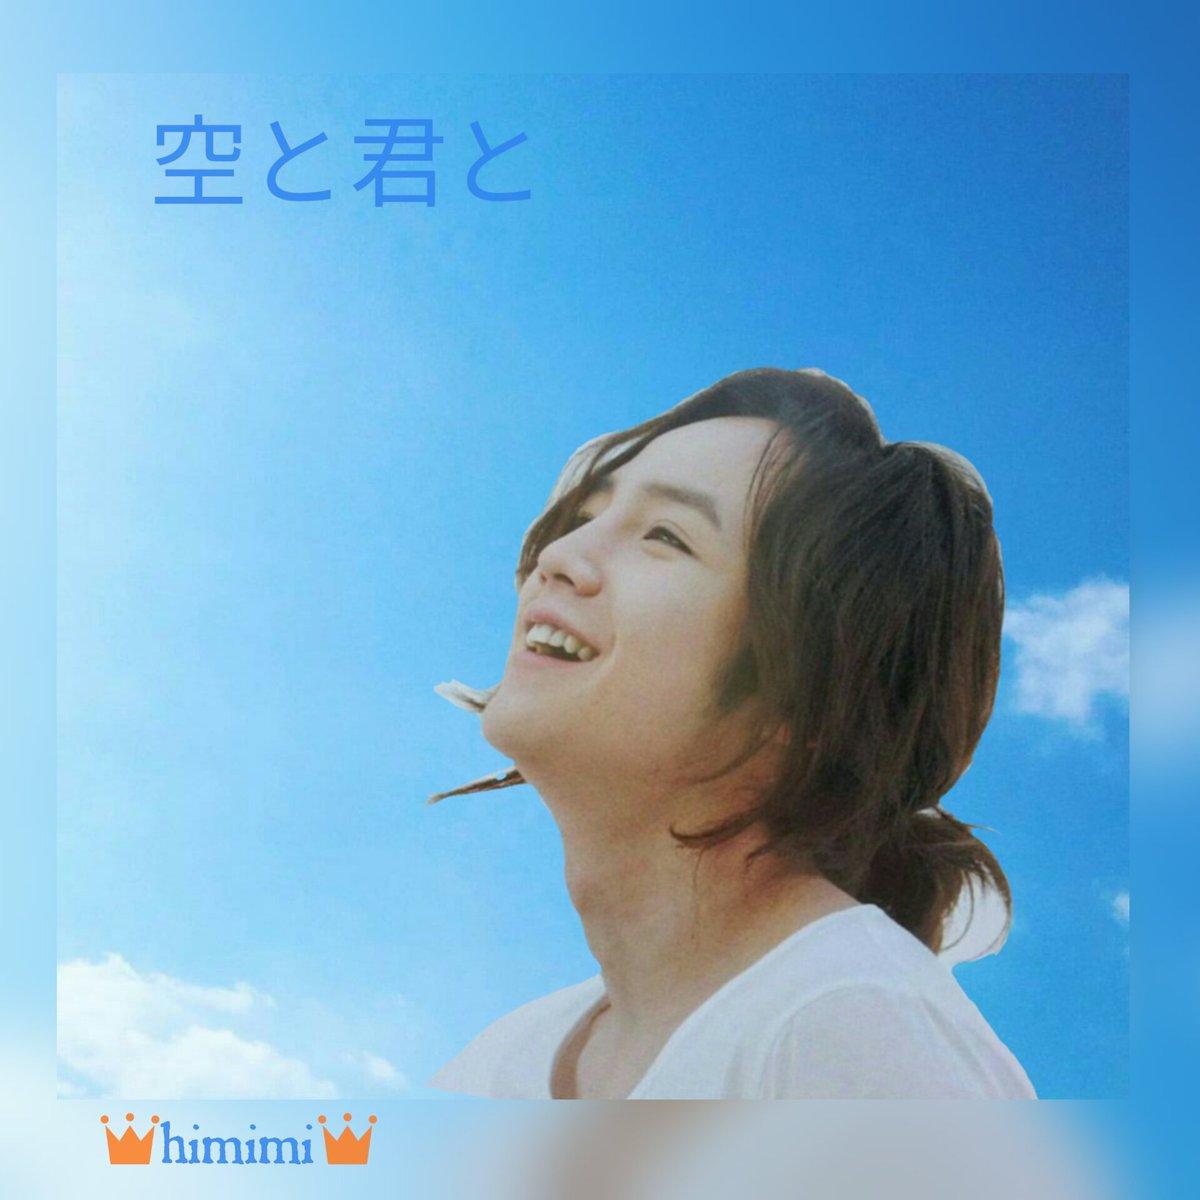 「空と君と」#UNGwithJKS#radiokpopway#SukkieLovers#JangKeunSuk #モノク